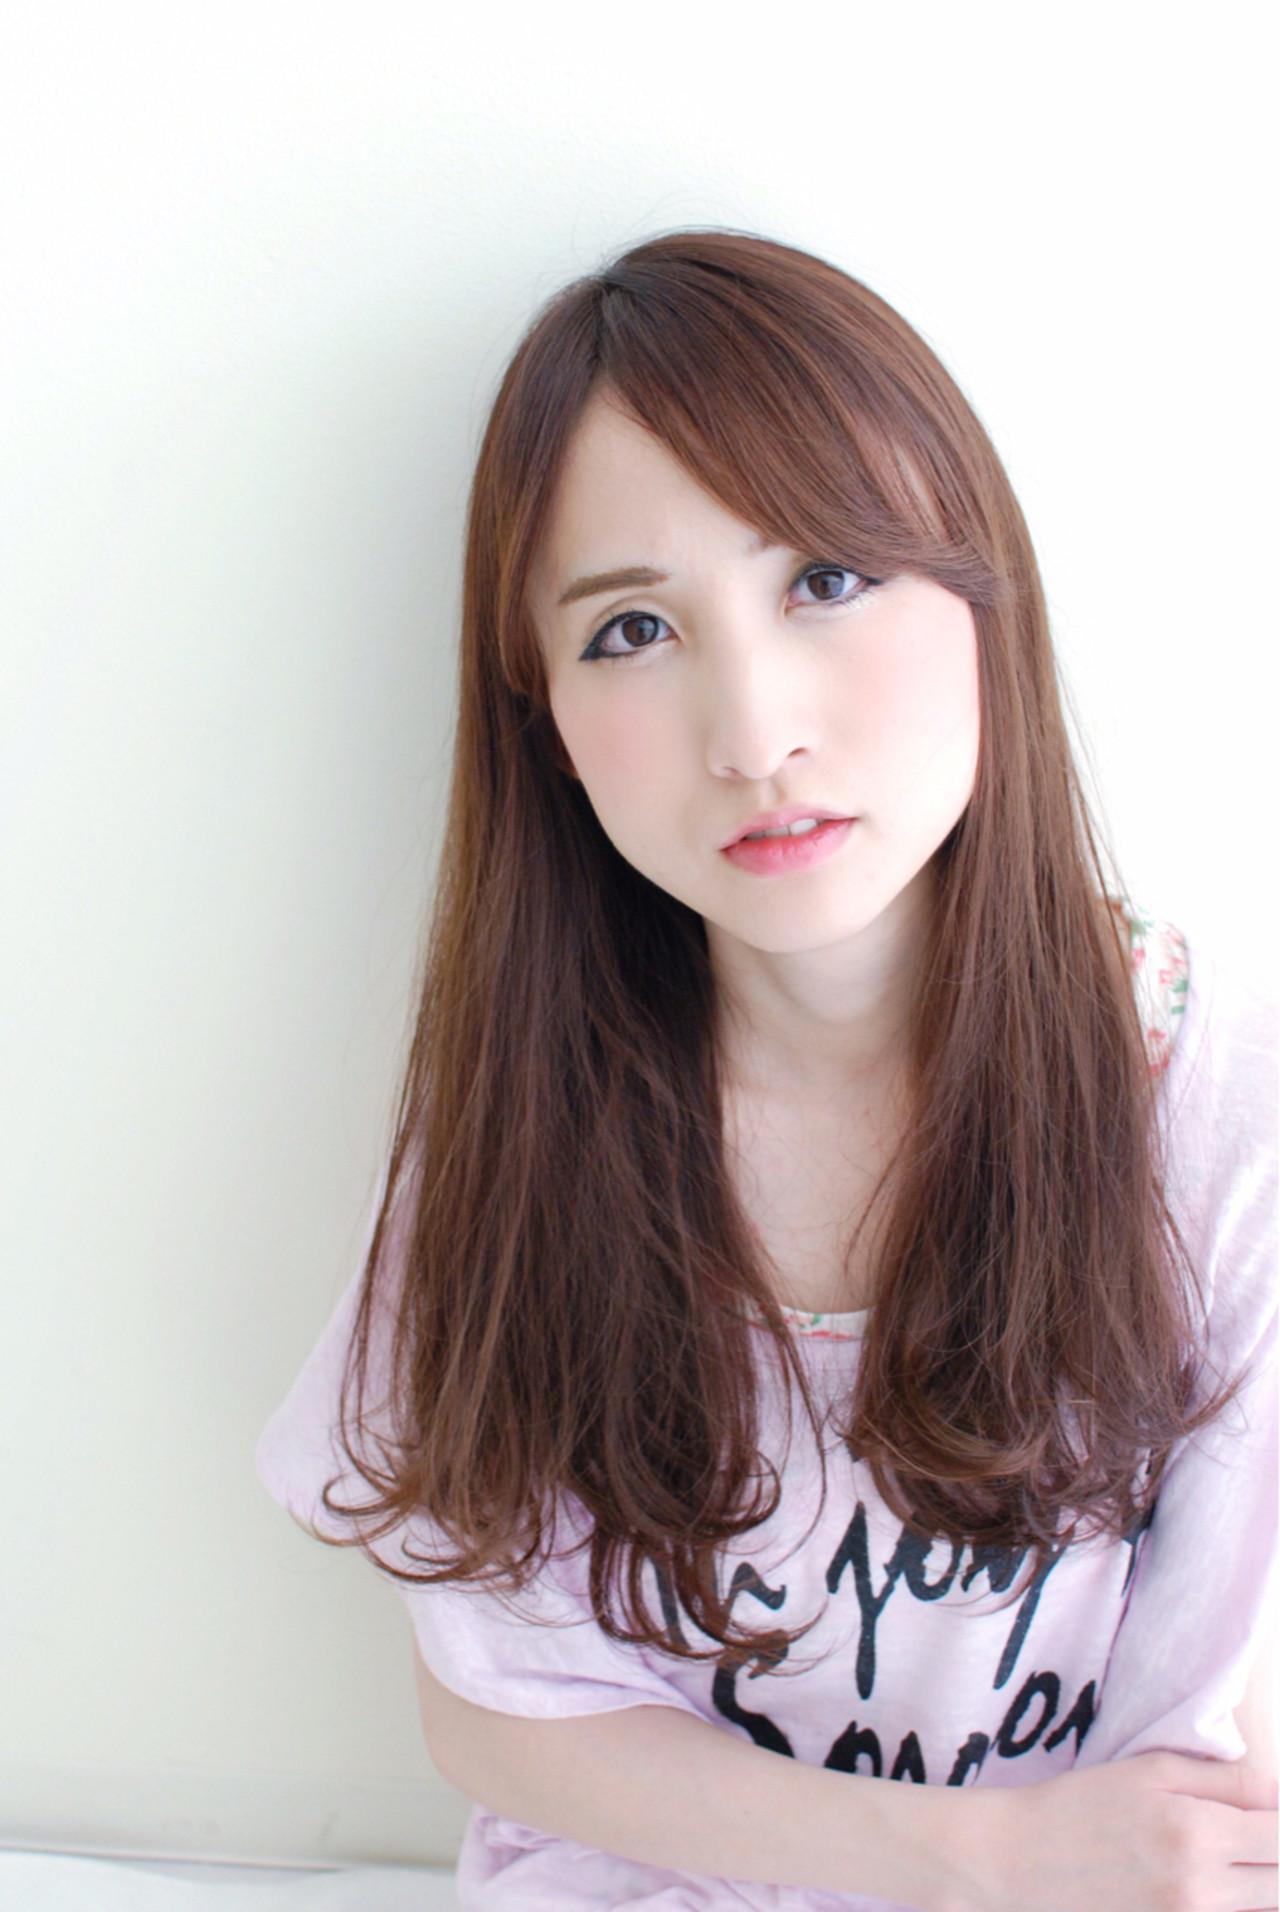 ウェーブ 艶髪 ルーズ ナチュラル ヘアスタイルや髪型の写真・画像